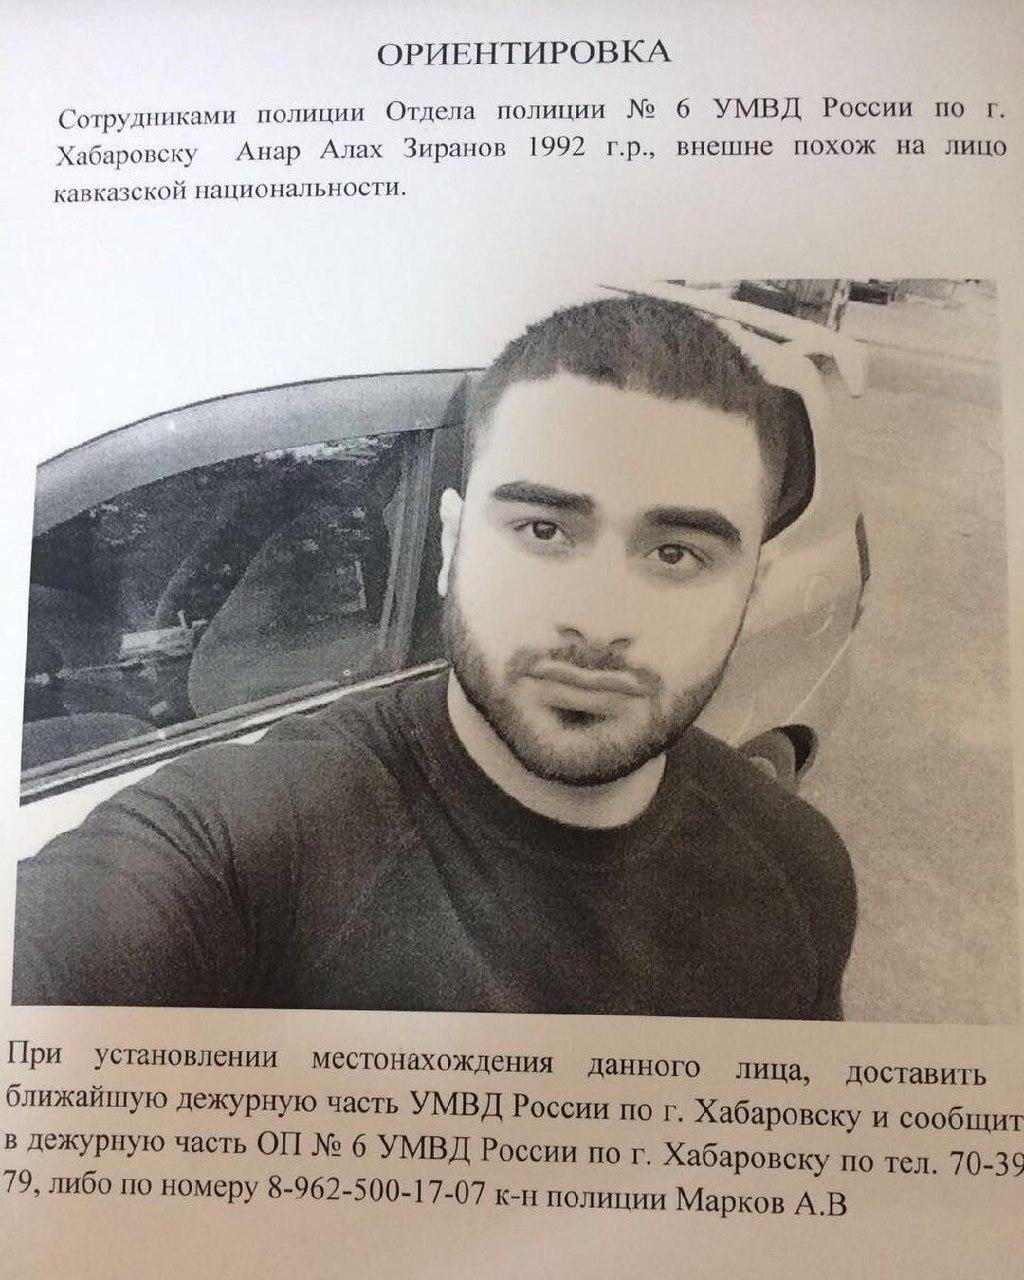 Убийство в Хабаровске чемпиона по пауэрлифтингу Андрея Драчева